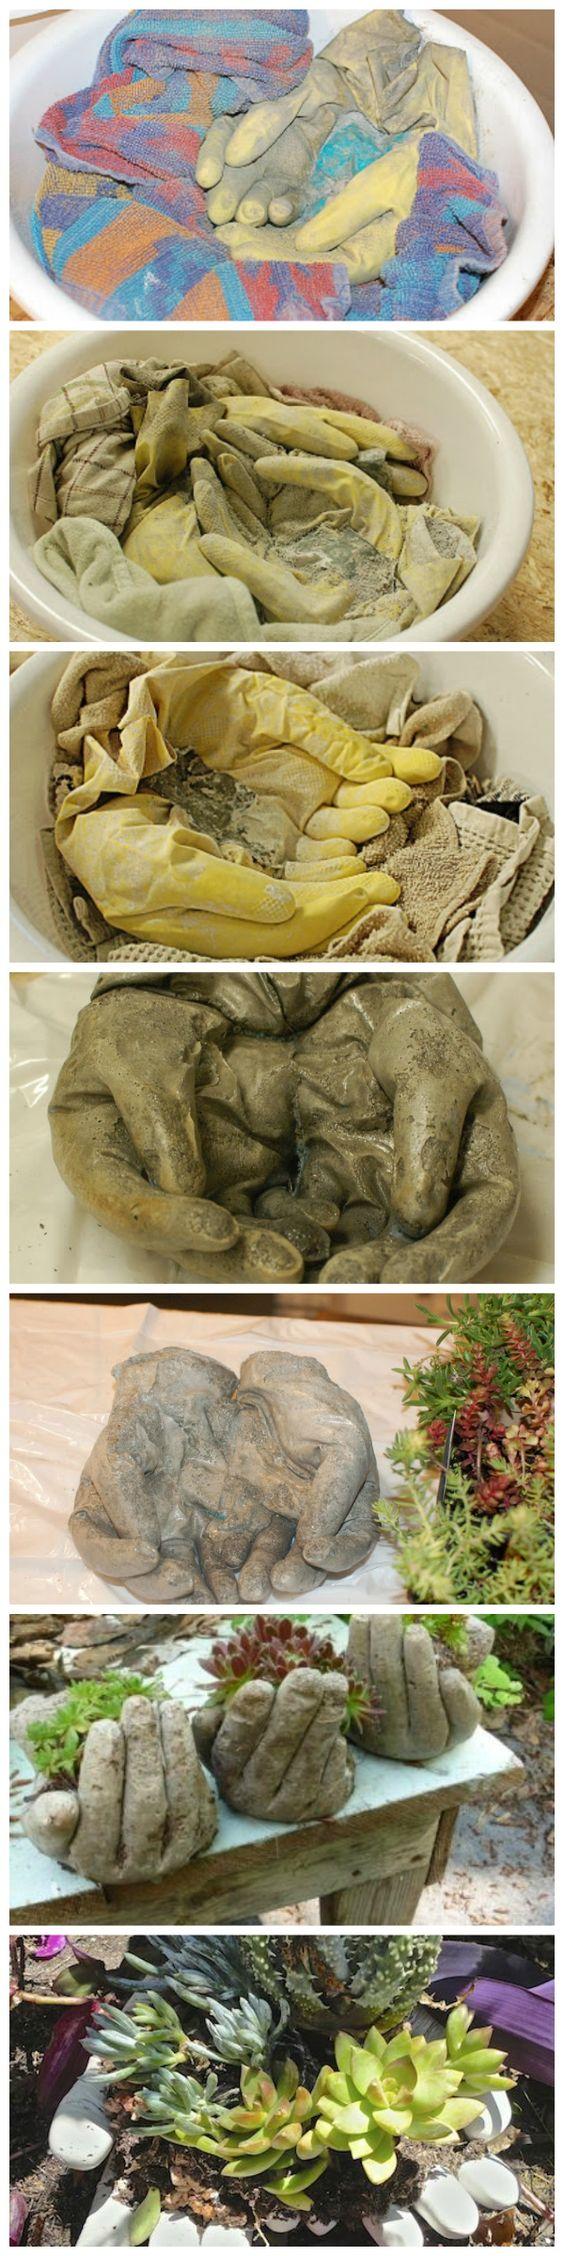 Photos via: goodshomedesign.com